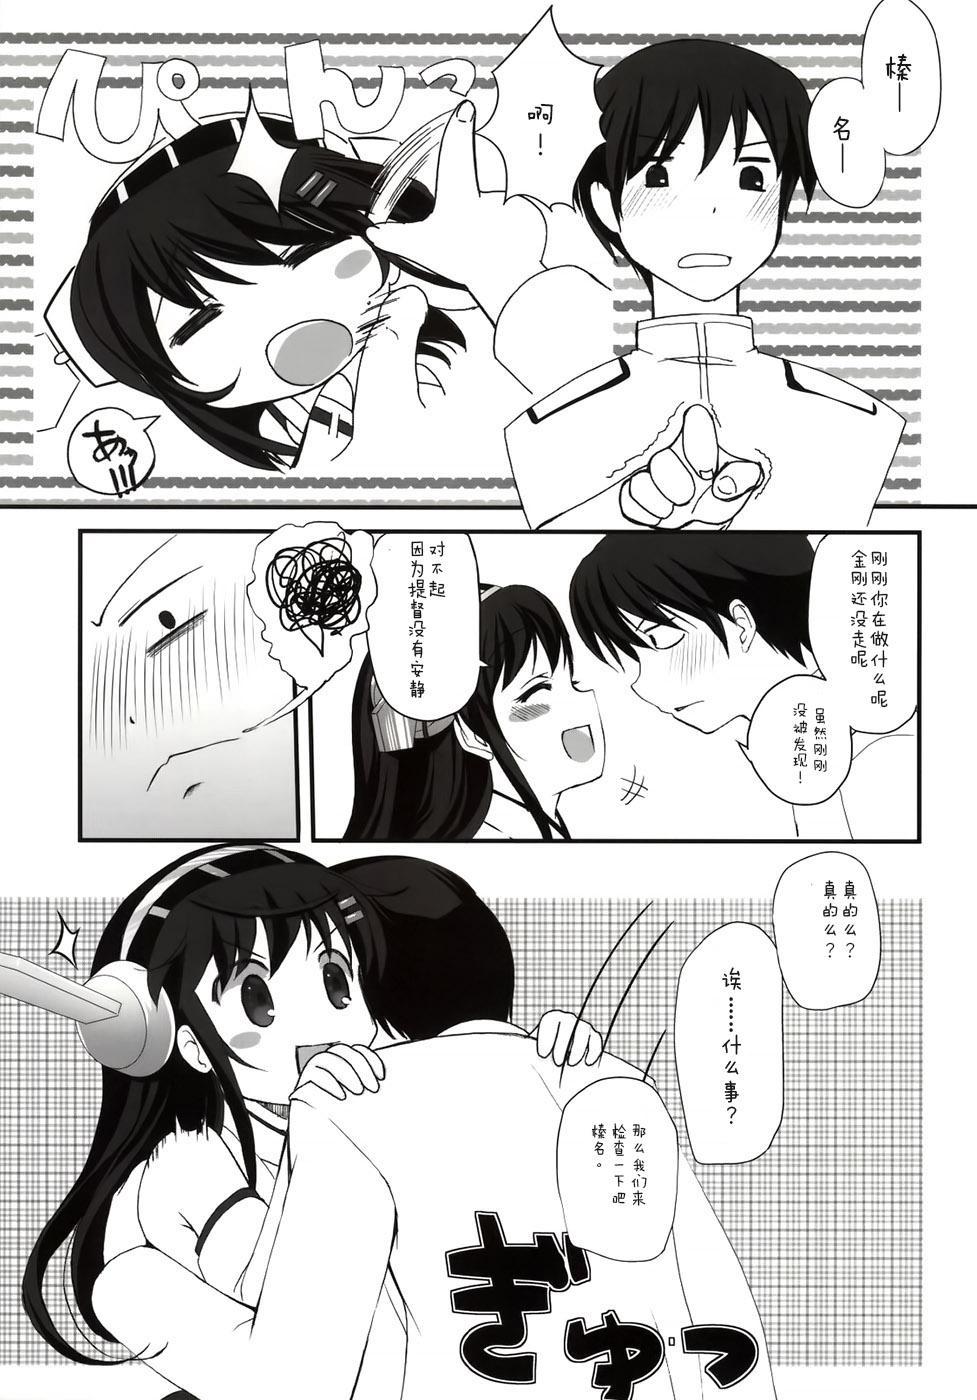 Haruna Healing 14